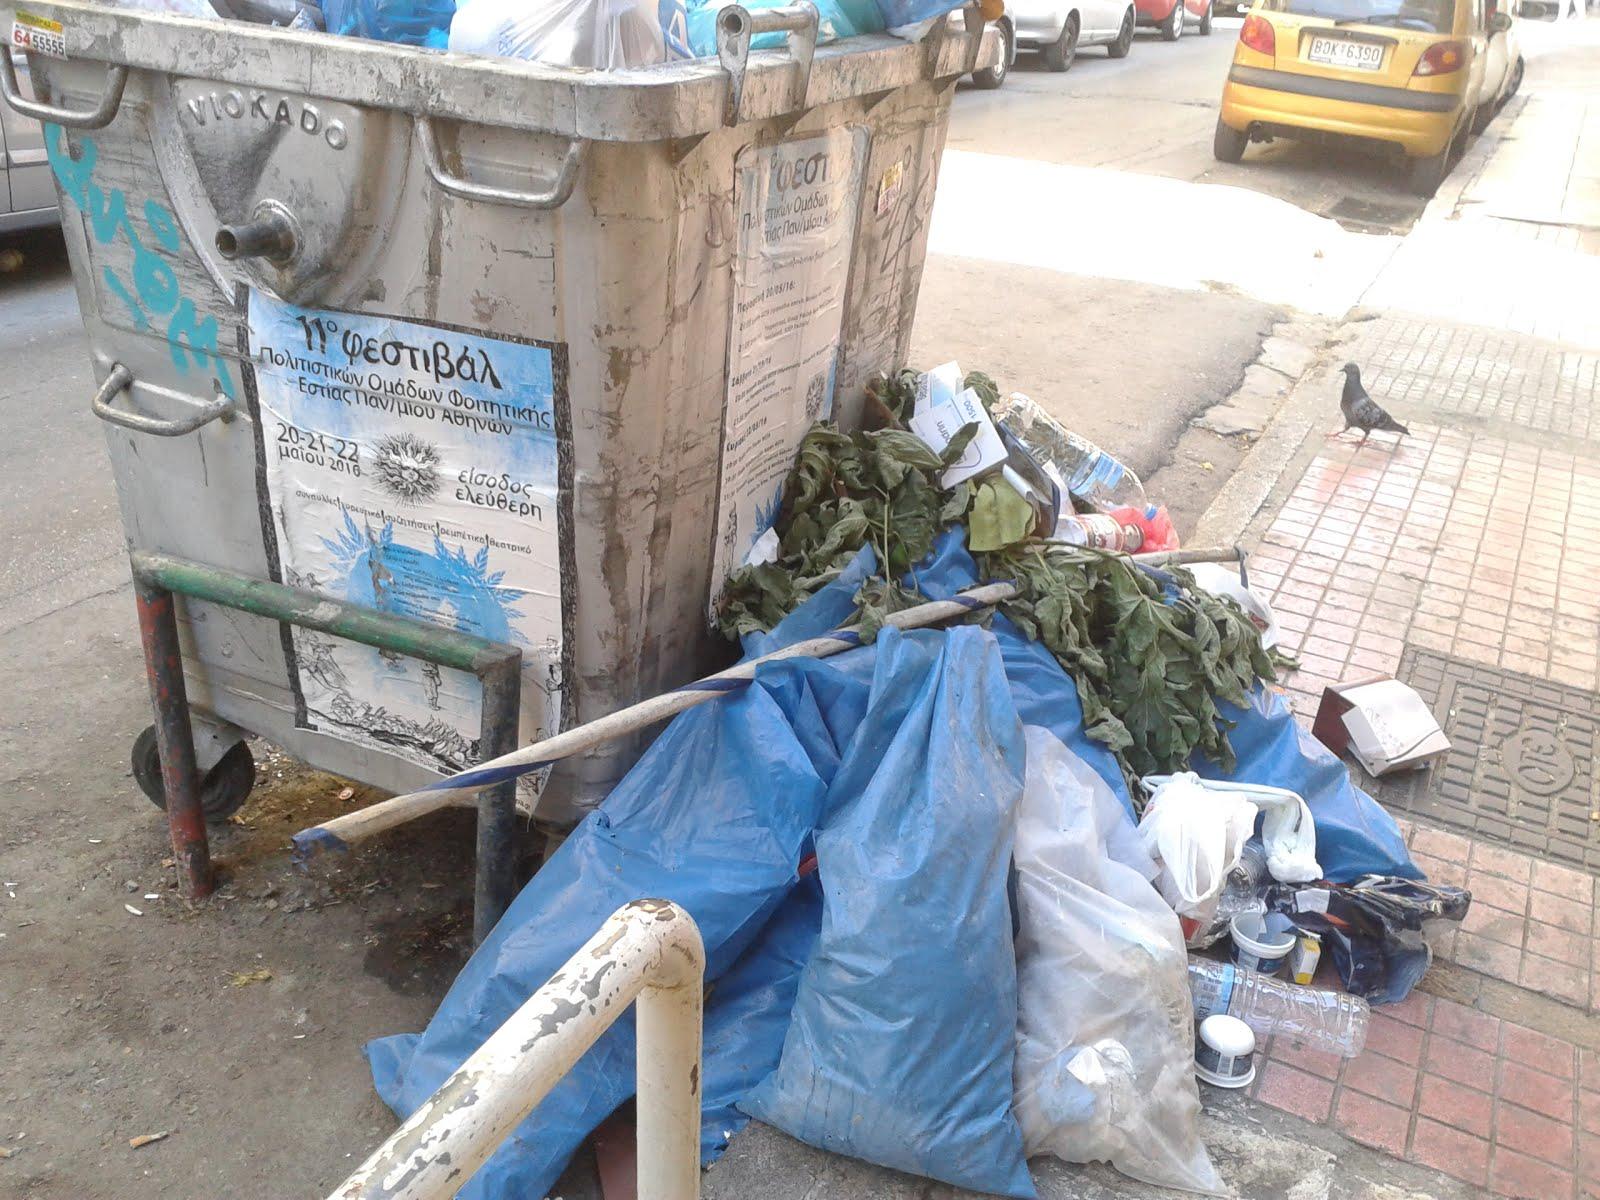 Μέσα στα σκουπίδια, μια κατεστραμμένη σημαία μαζί με το κοντάρι της.